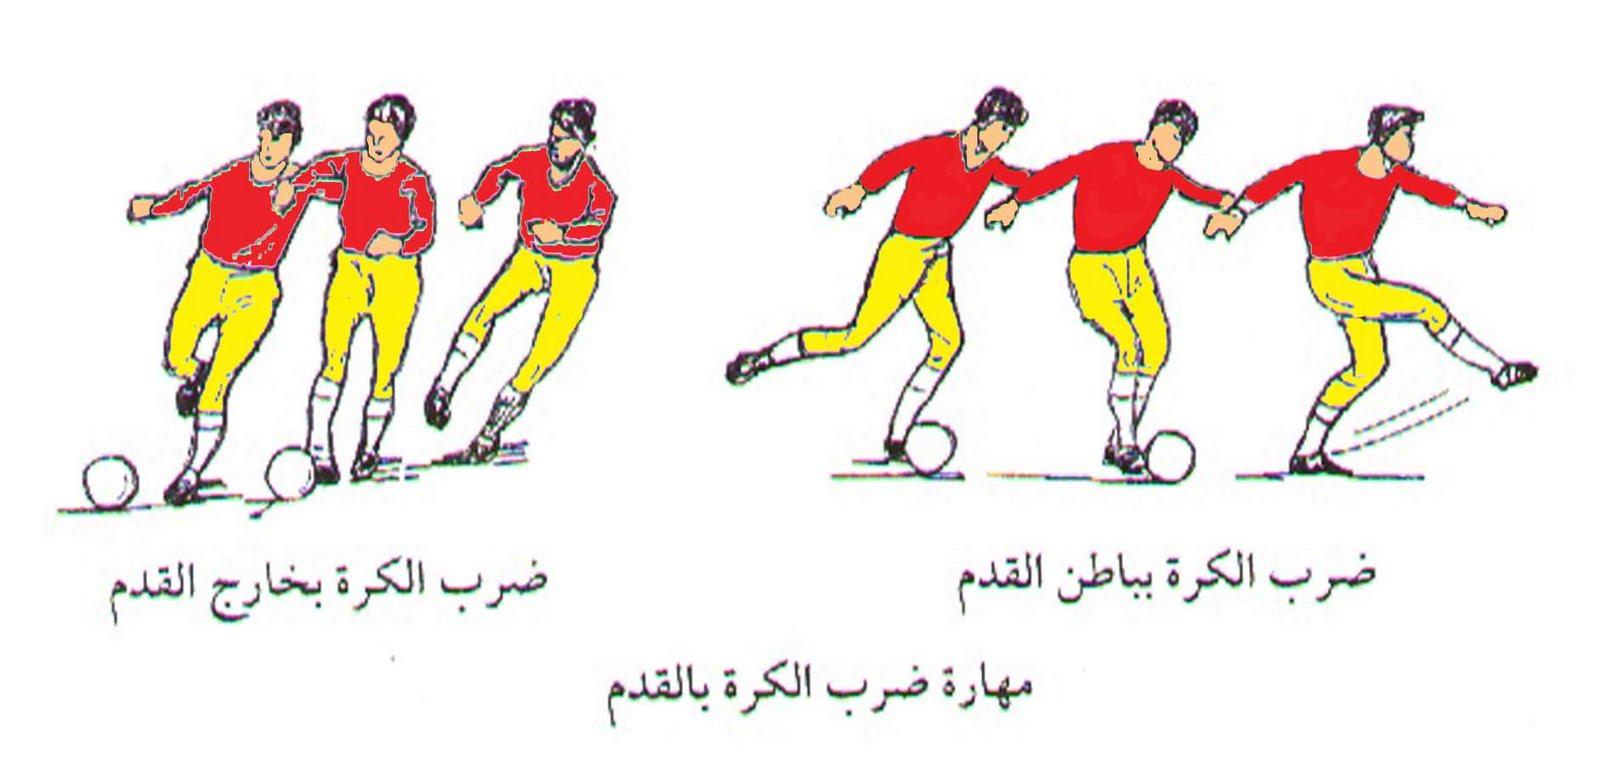 تعليم مهارات كرة القدم 2019